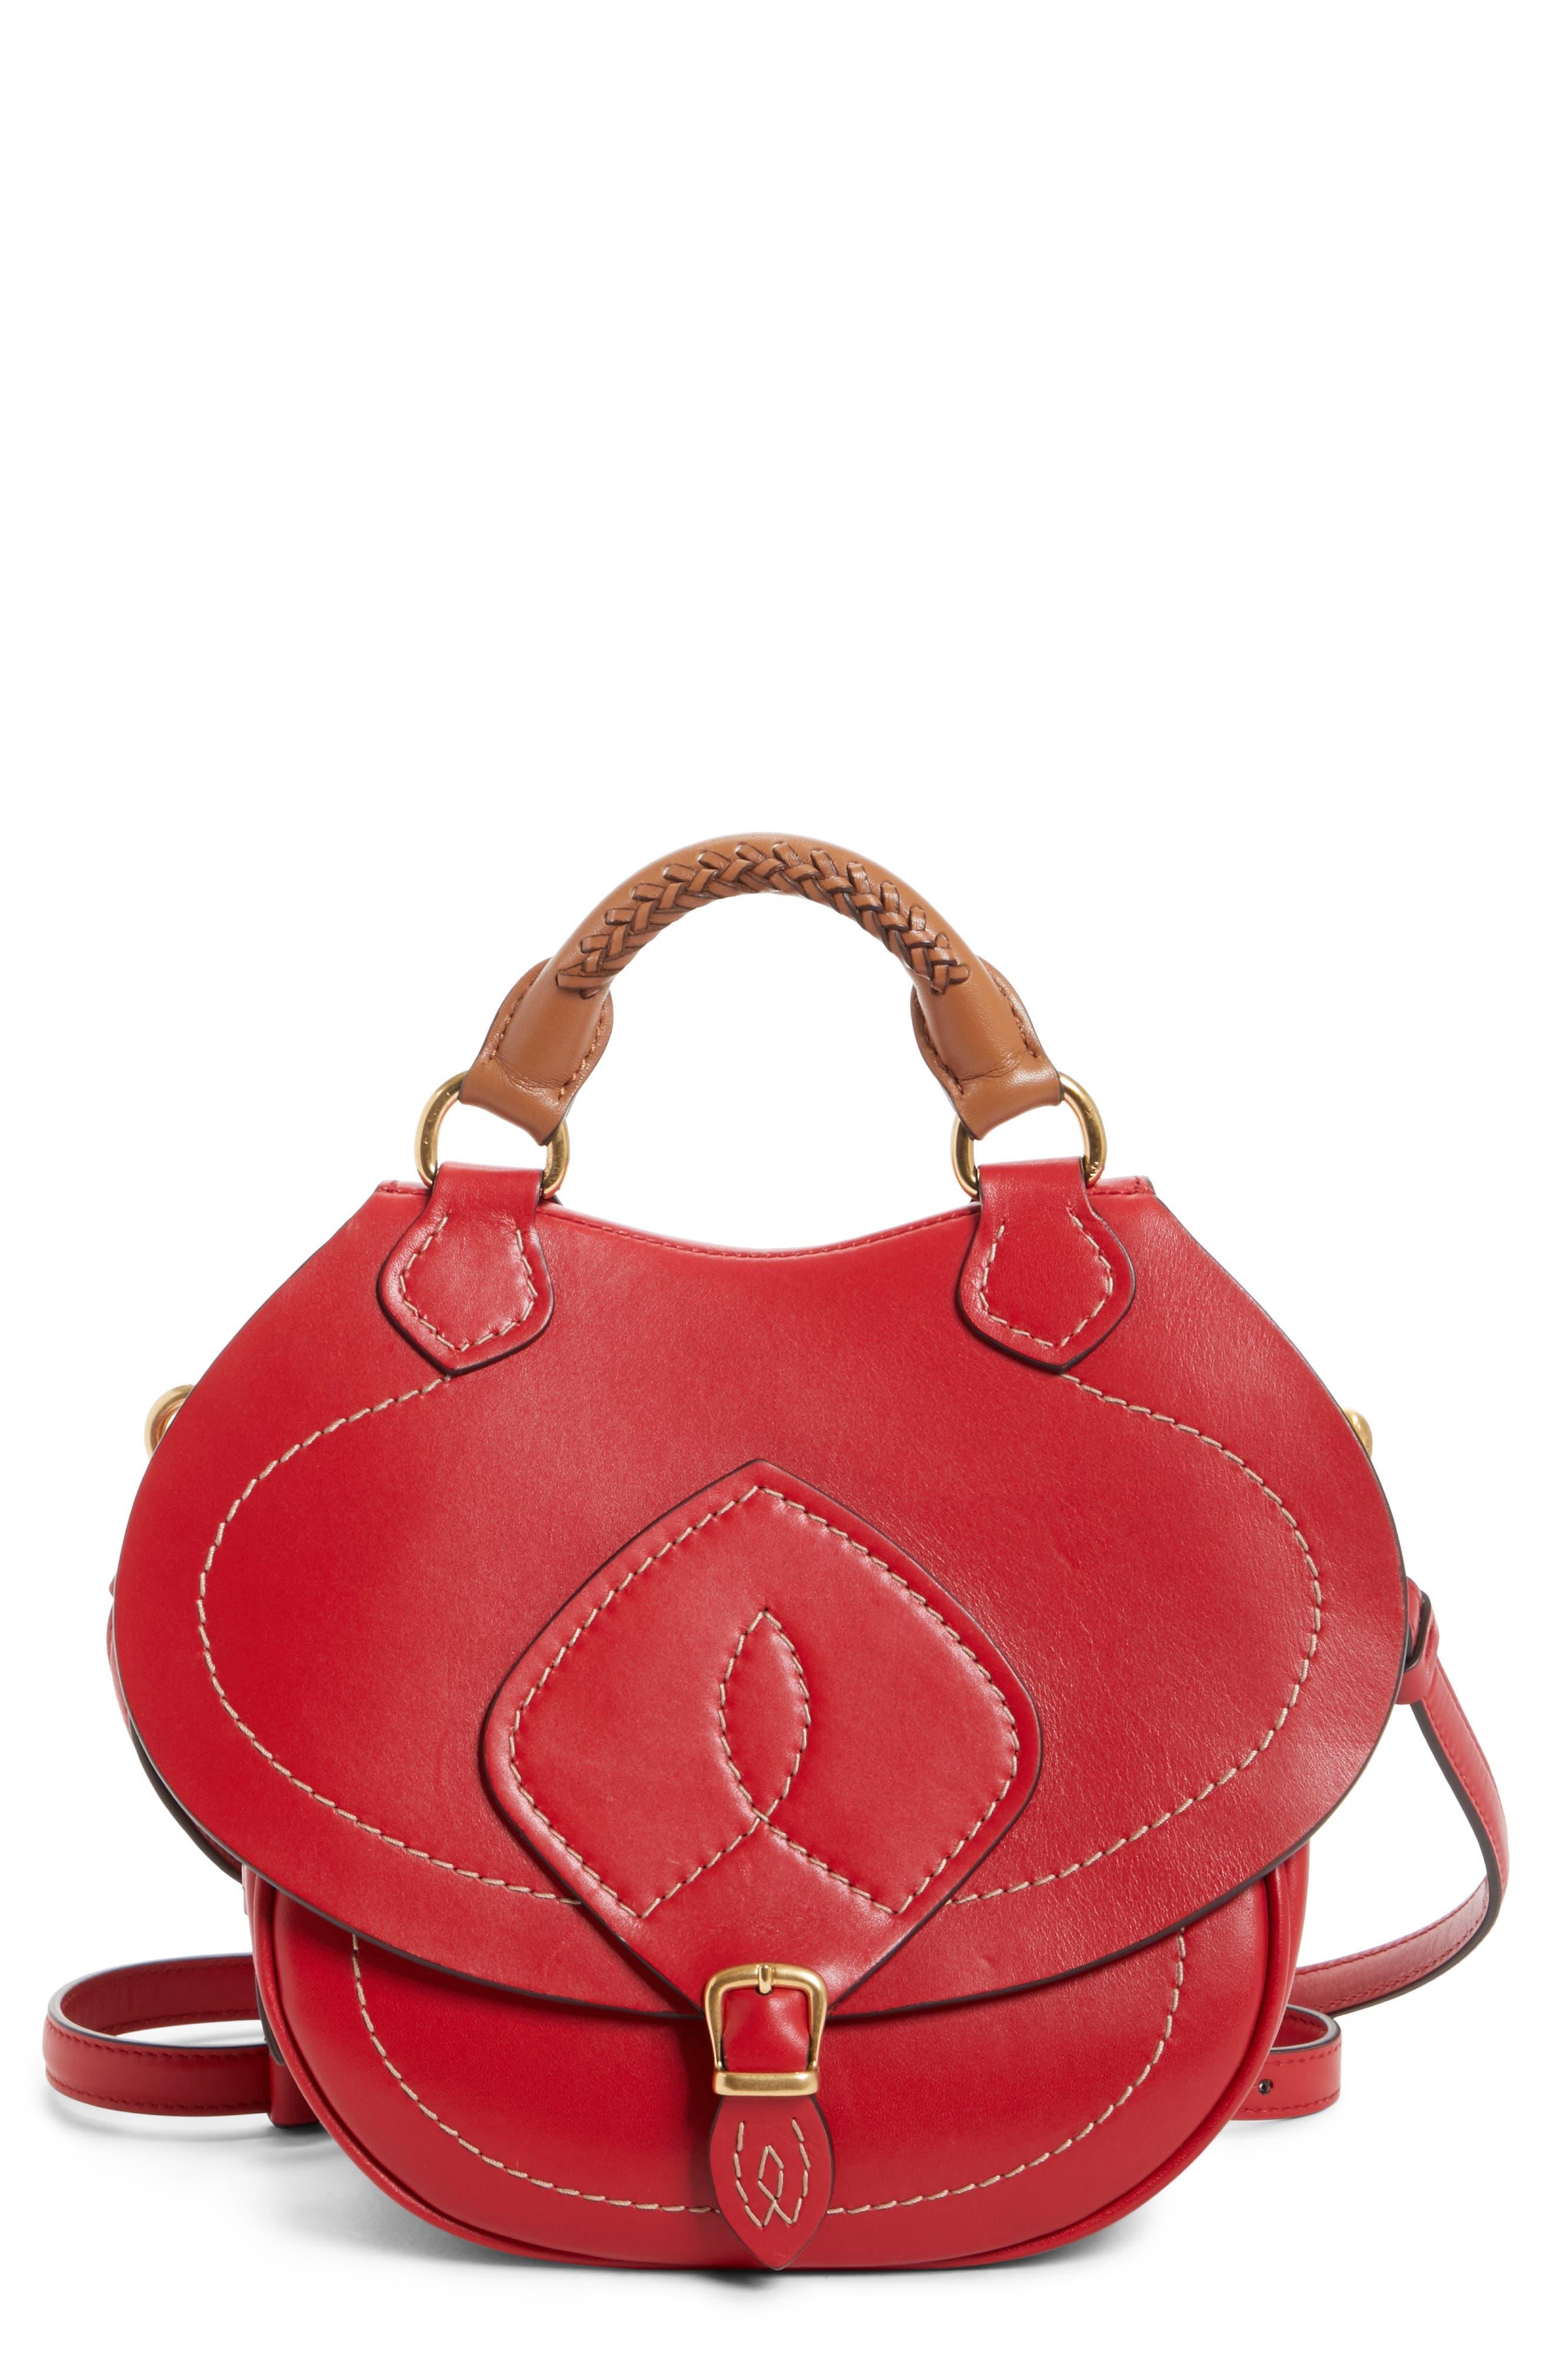 Small Bag-Slide Leather Shoulder Bag,                         Main,                         color, Red